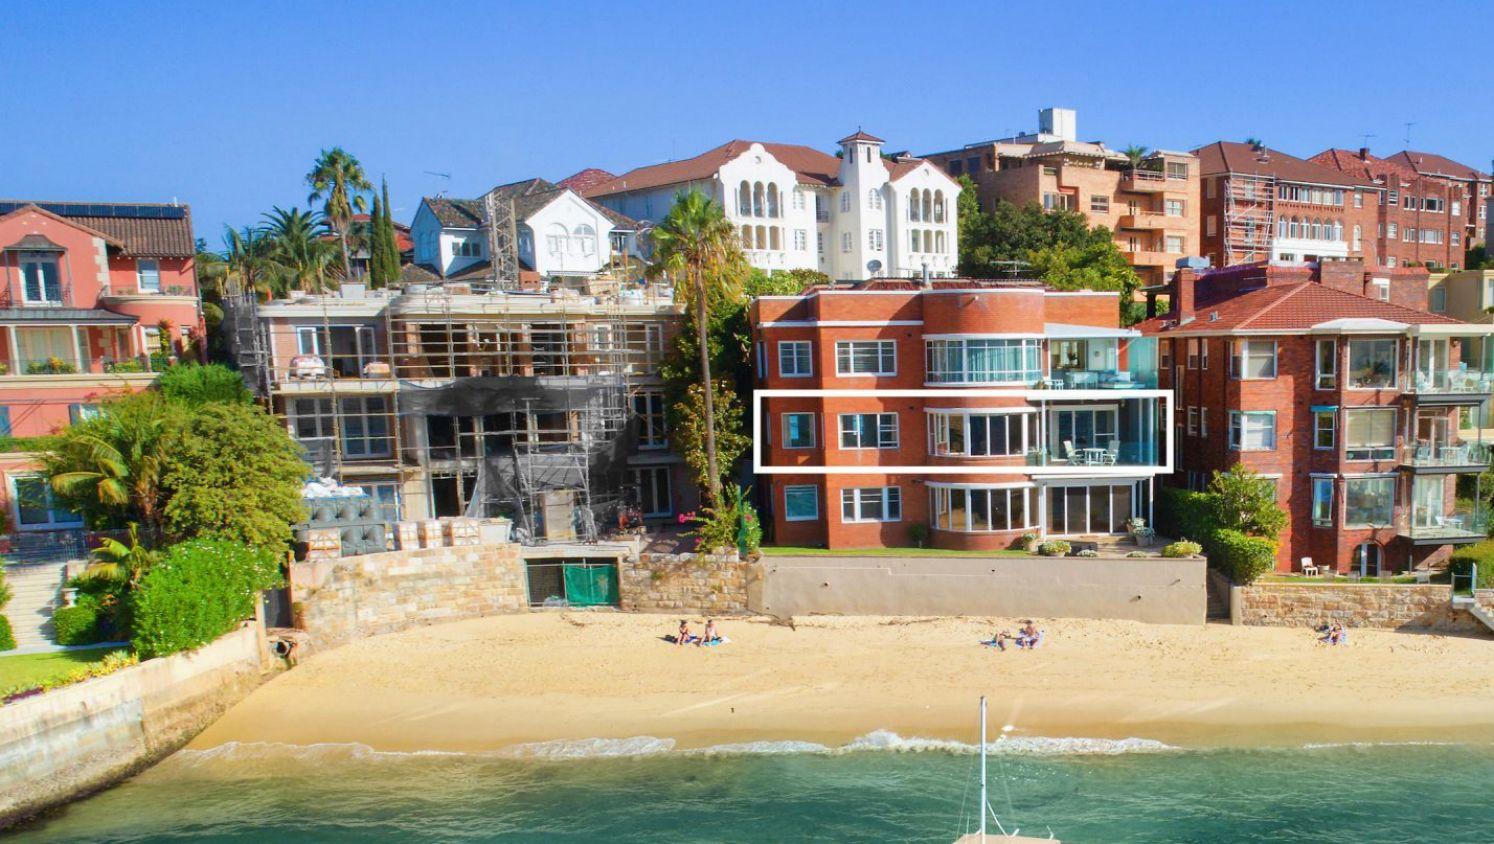 英国首相马尔科姆•特恩布尔的海滨邻居的背后 有着引人入胜的历史